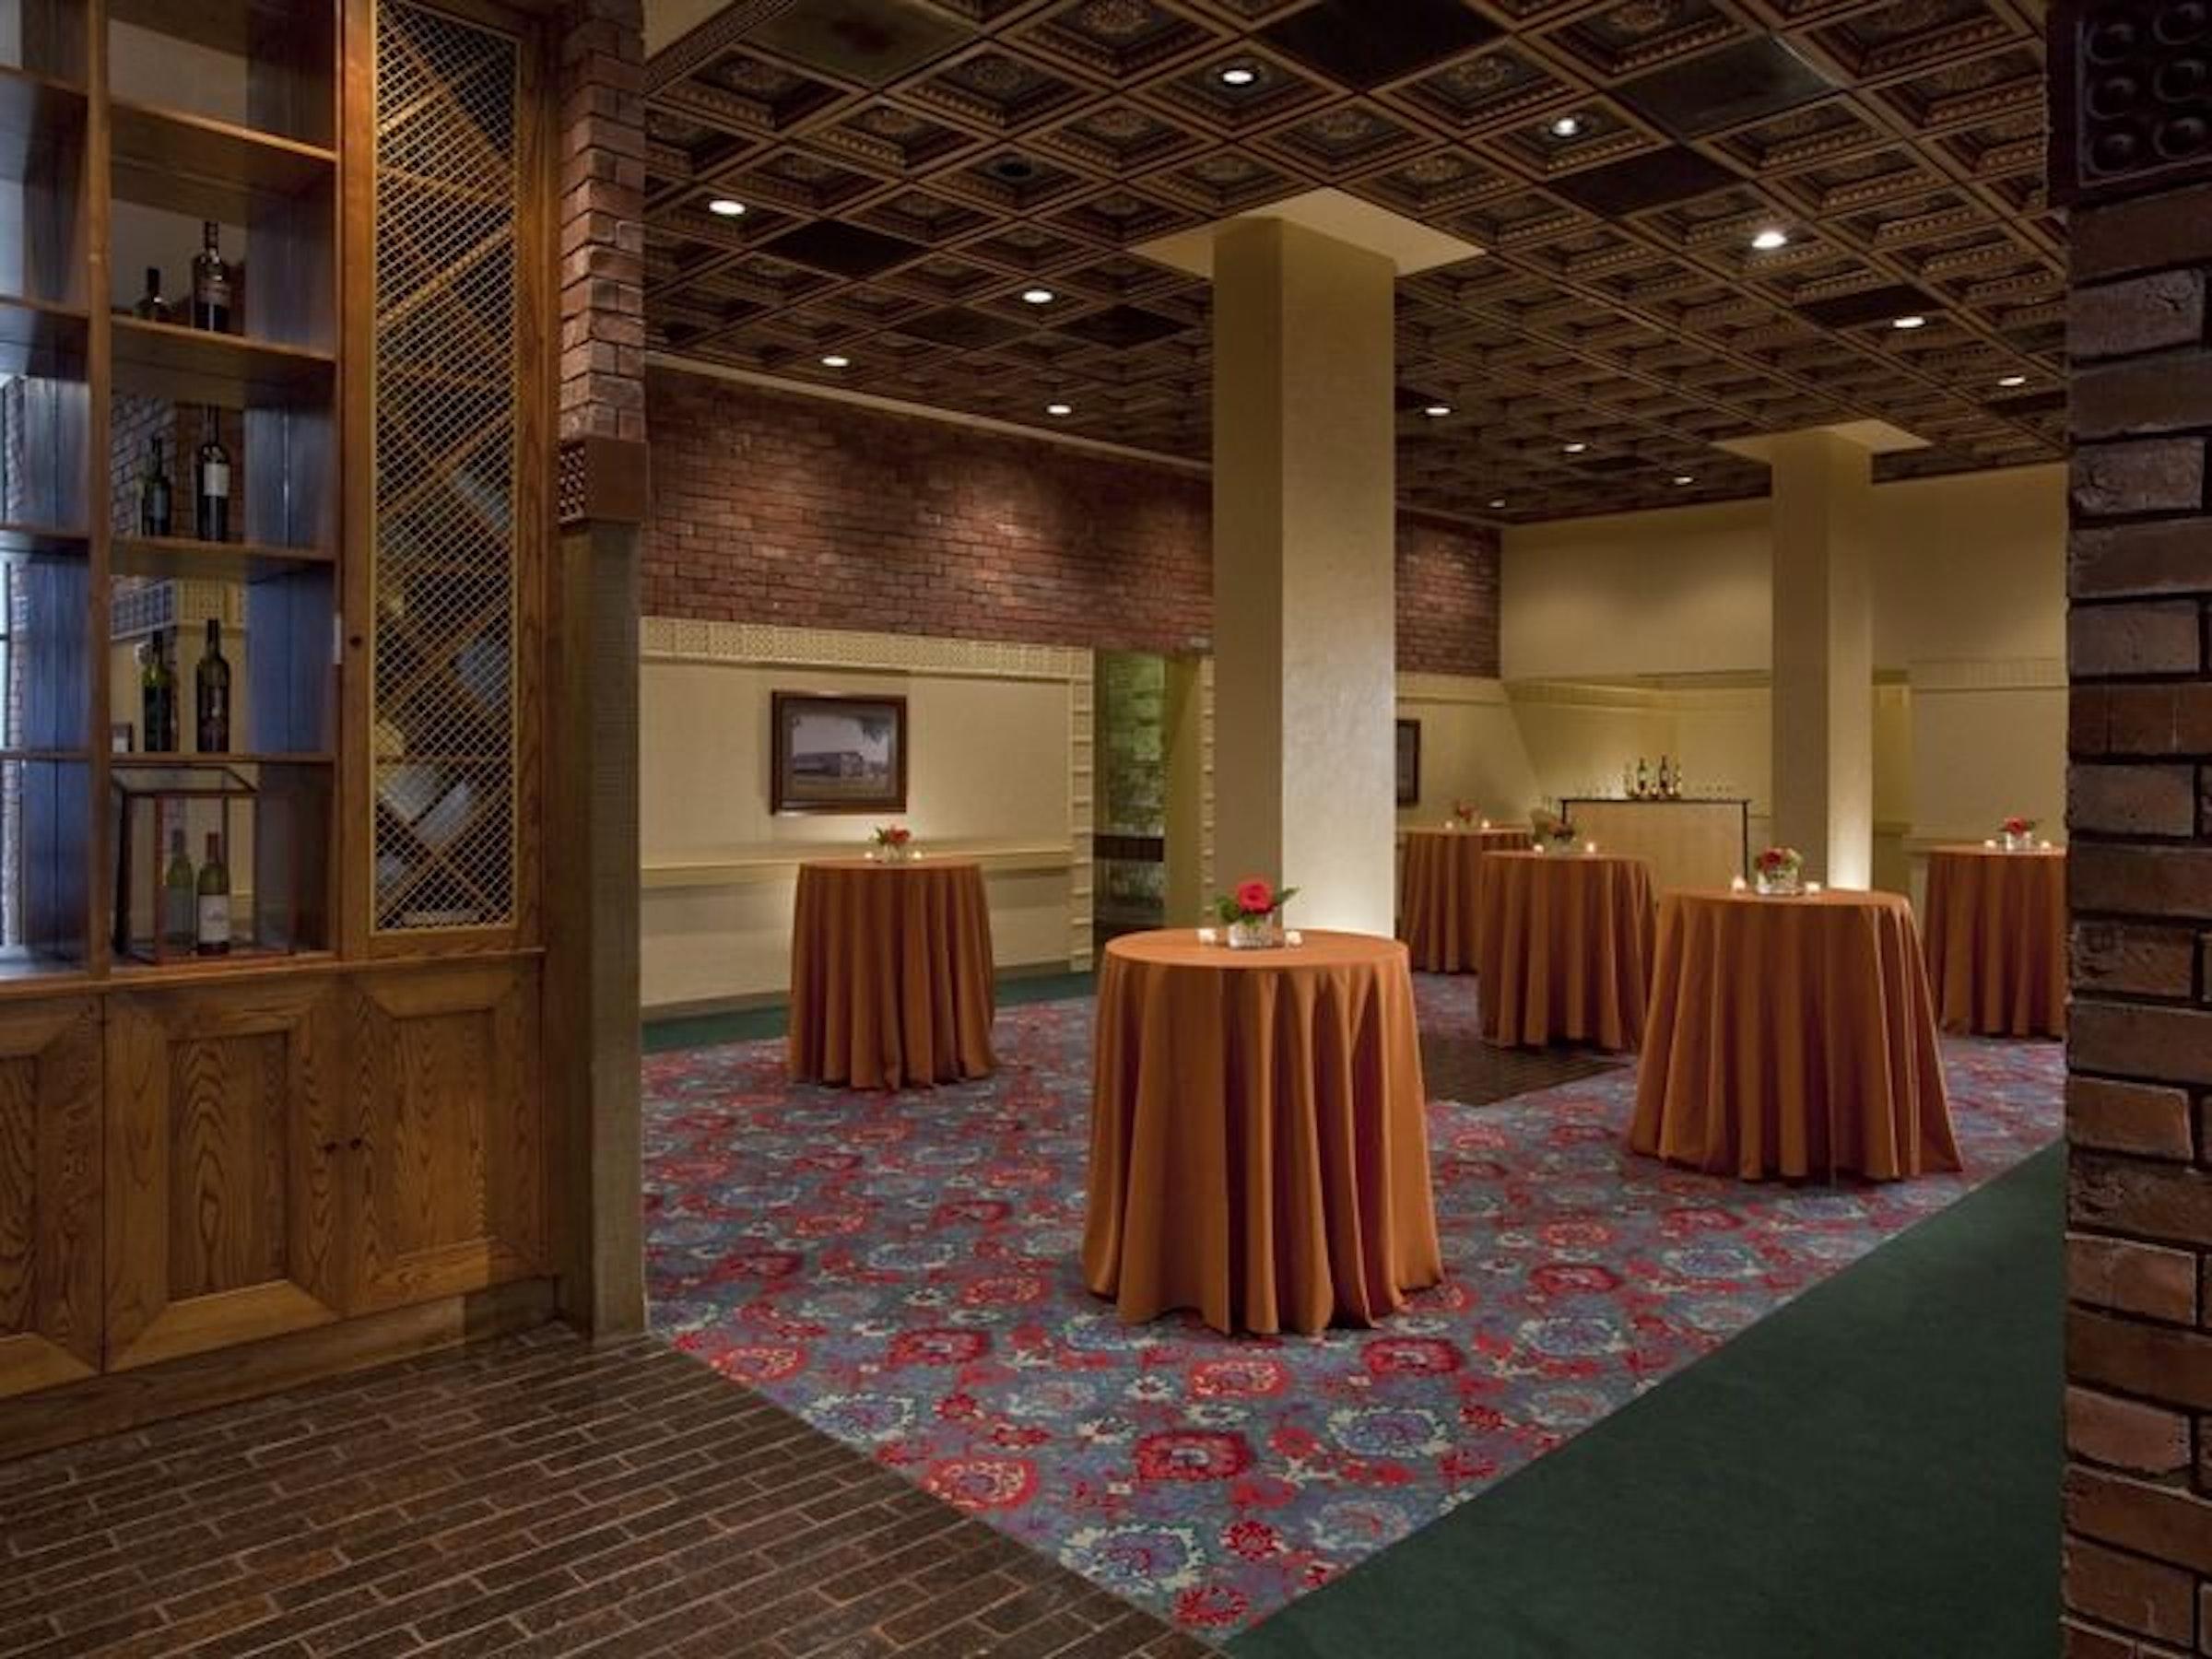 Hyatt Regency DFW Hotel in Beyond Dallas